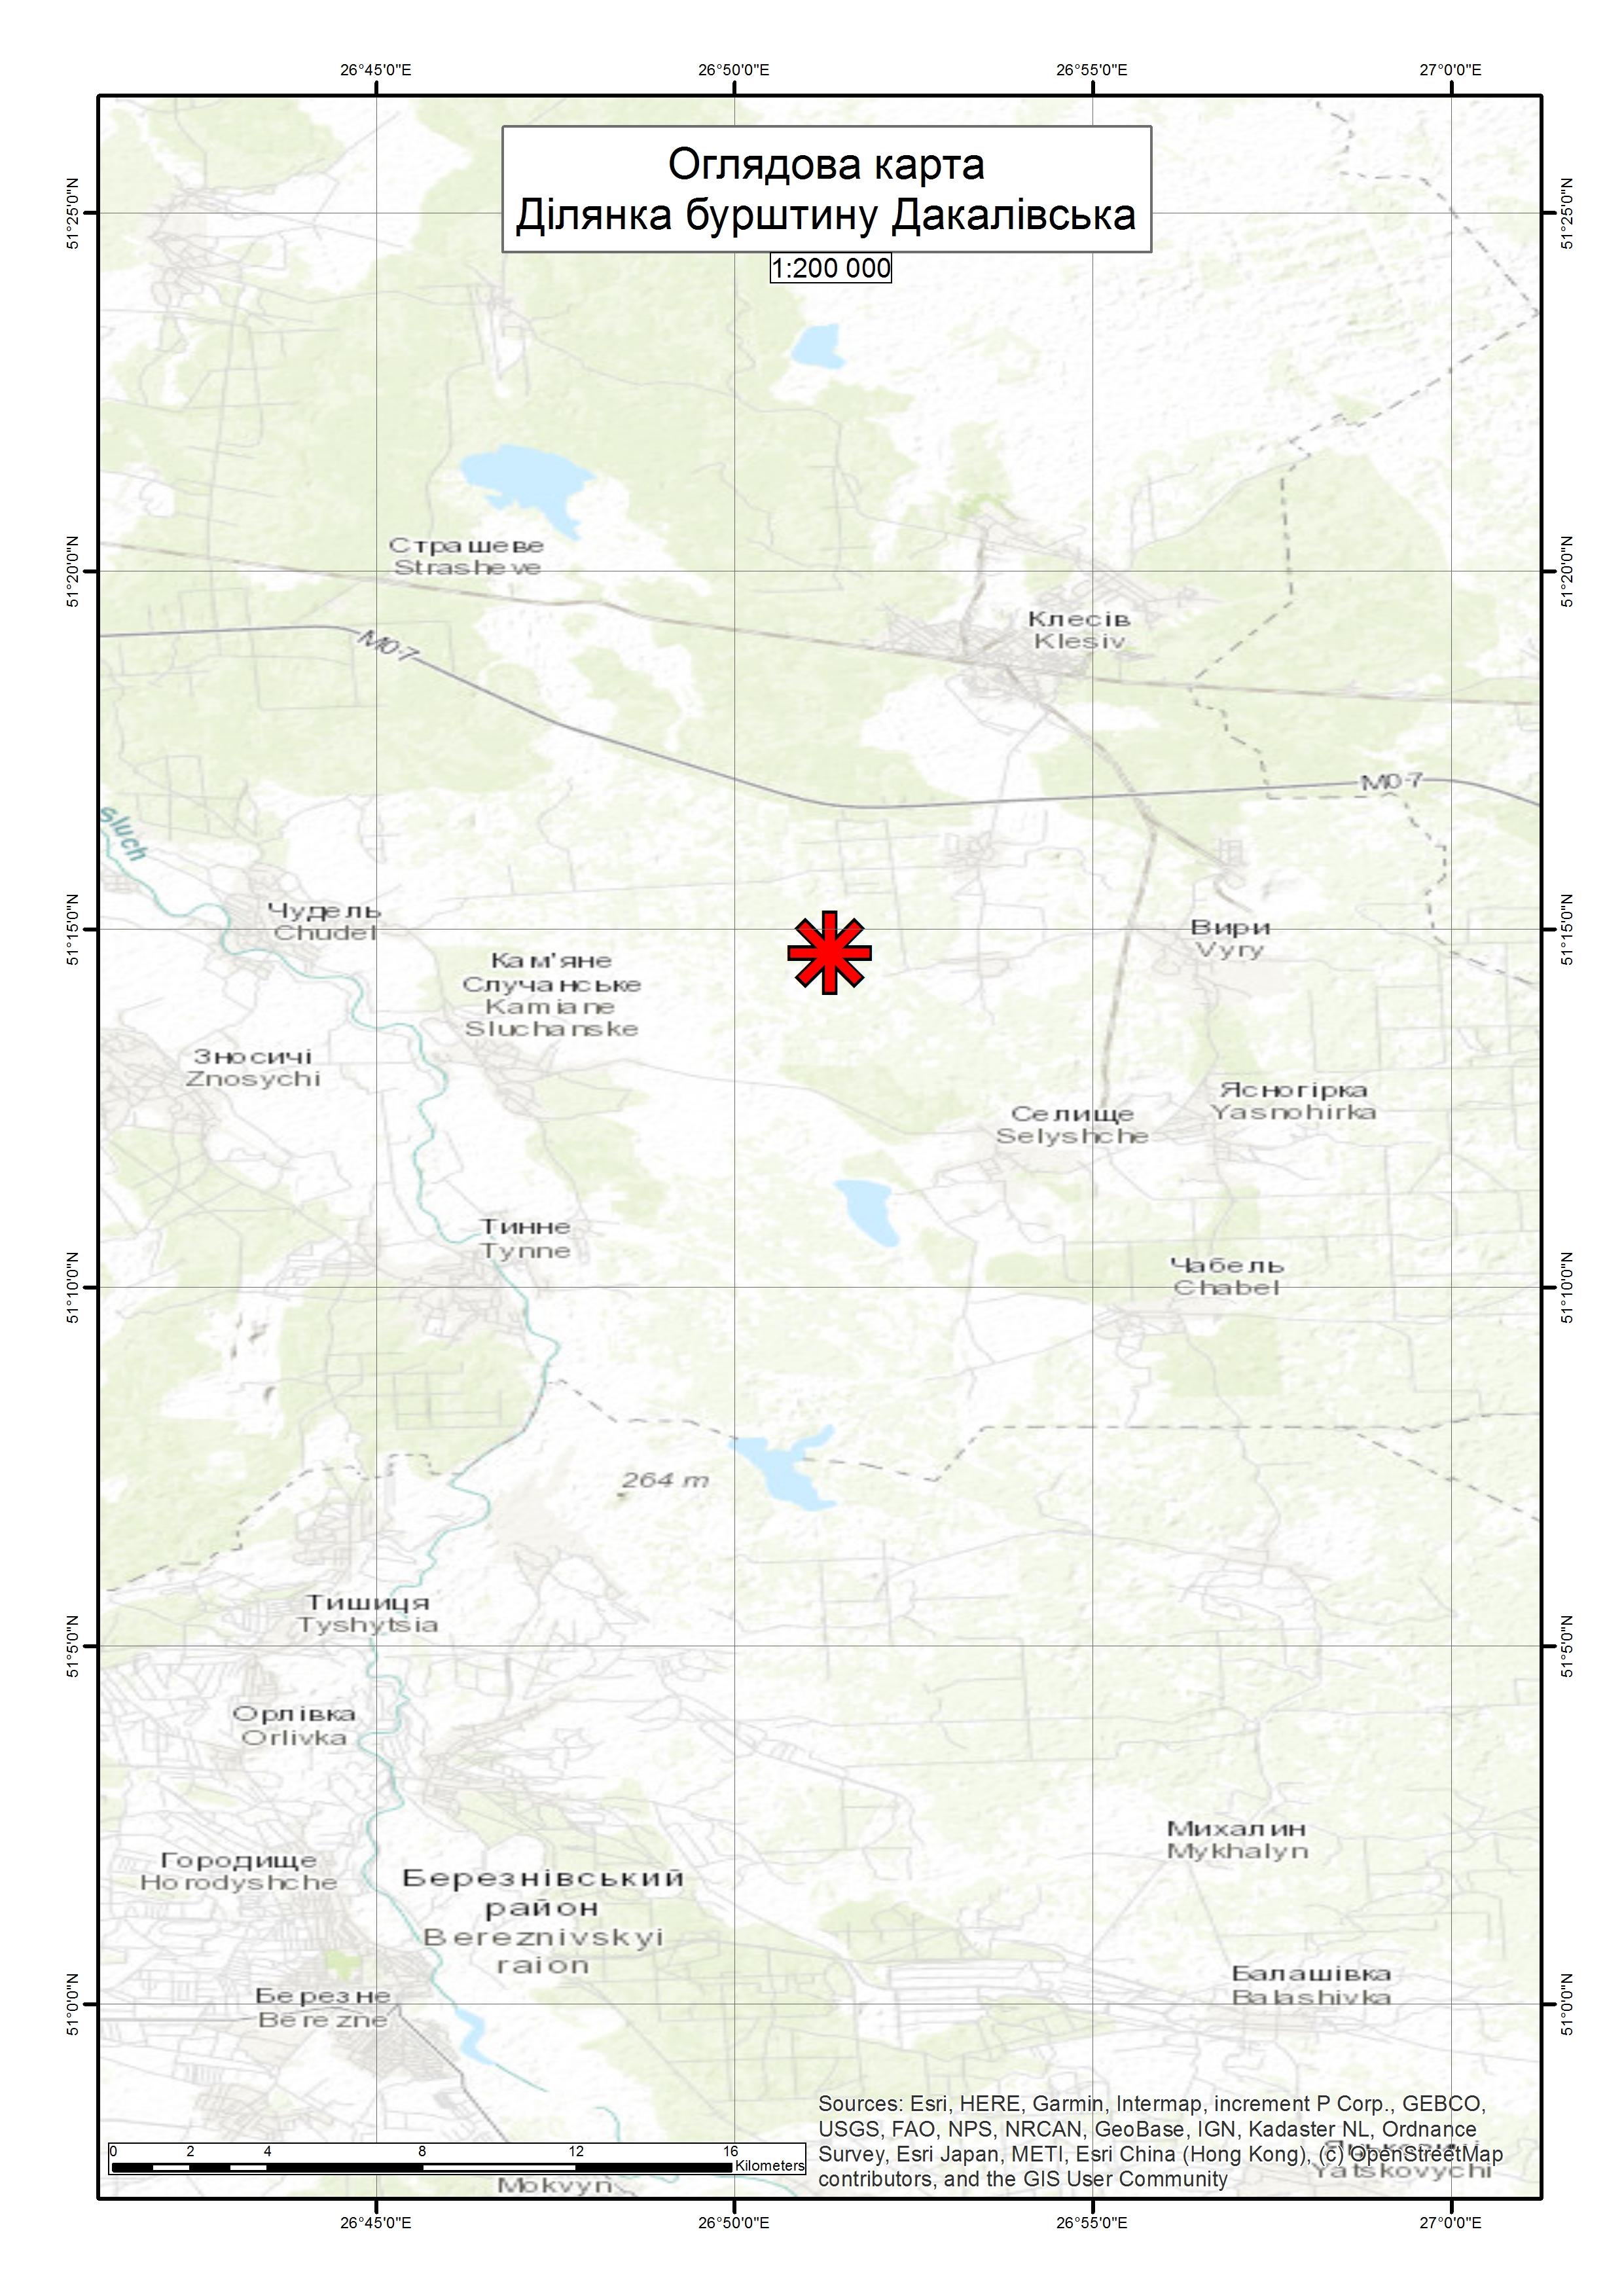 Спеціальний дозвіл на користування надрами – Ділянка Дакалівська. Вартість геологічної інформації – 100 593,20 грн (з ПДВ). Вартість пакету аукціонної документації – 10 501,92 грн (з ПДВ).